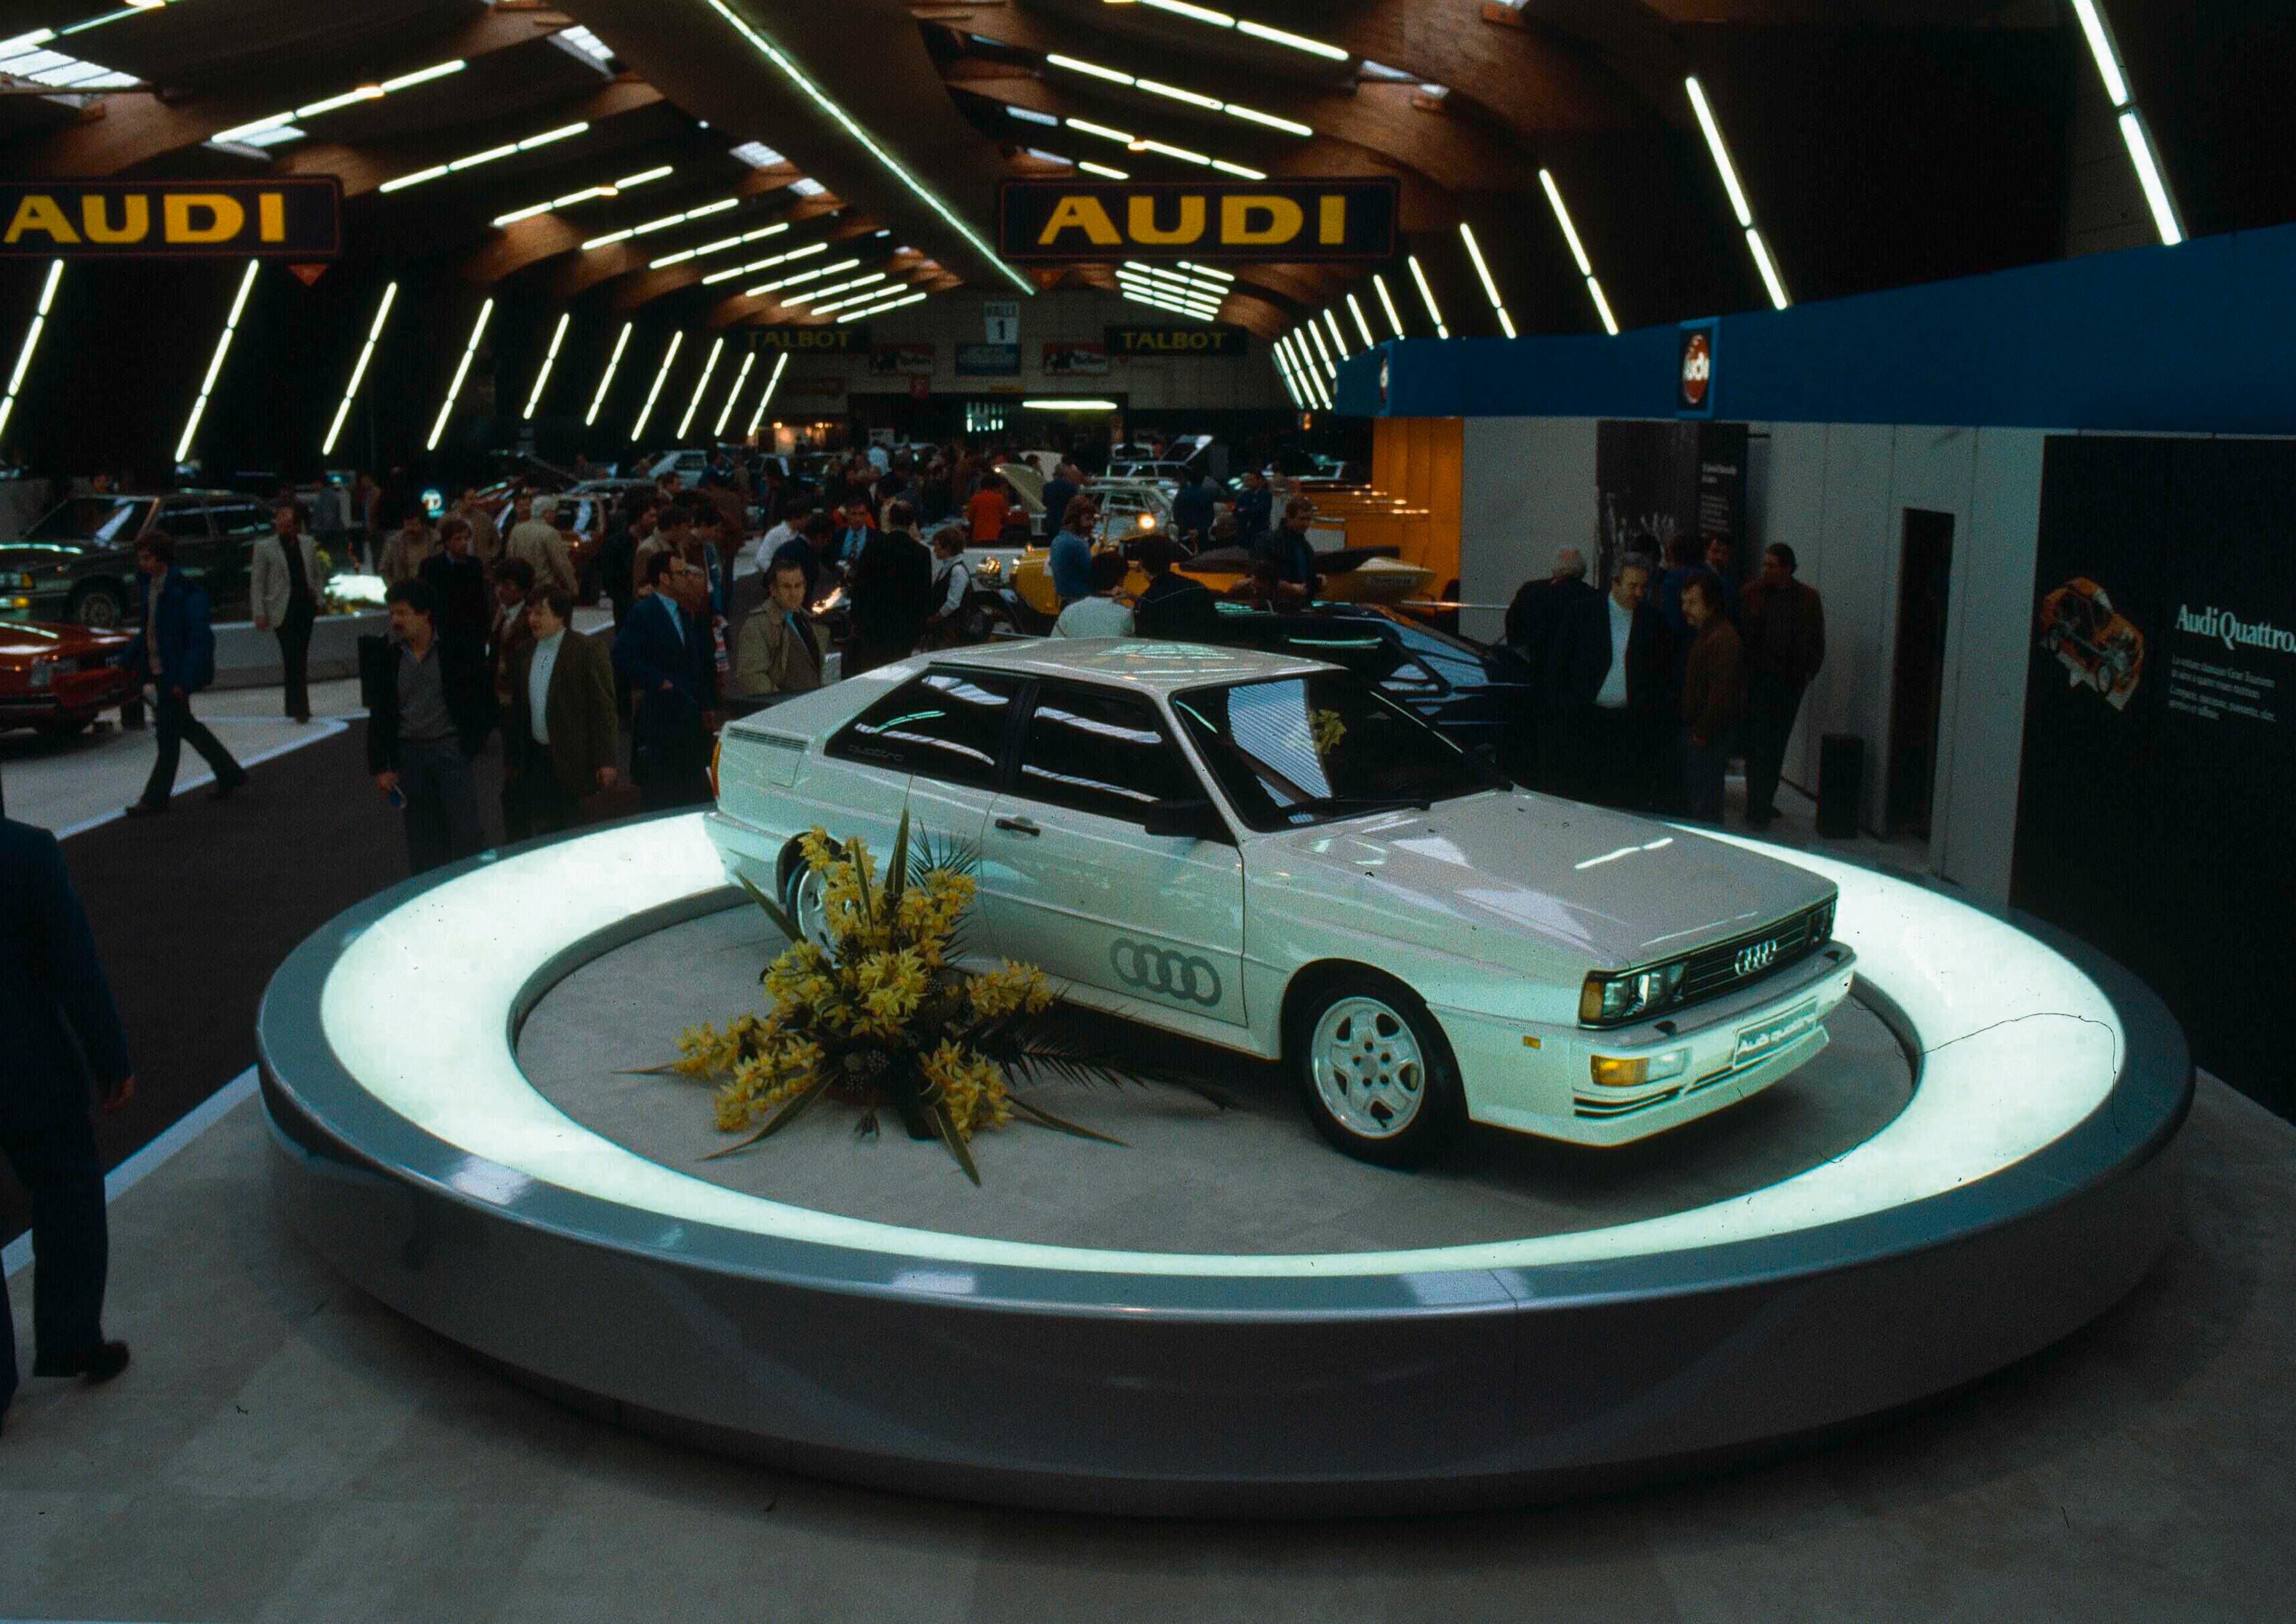 Im Maerz 1980 sorgte ein allradgetriebenes, sportliches Coup  fuer gewaltiges Aufsehen auf dem Audi Stand beim Genfer Automobilsalon: Audi quattro.